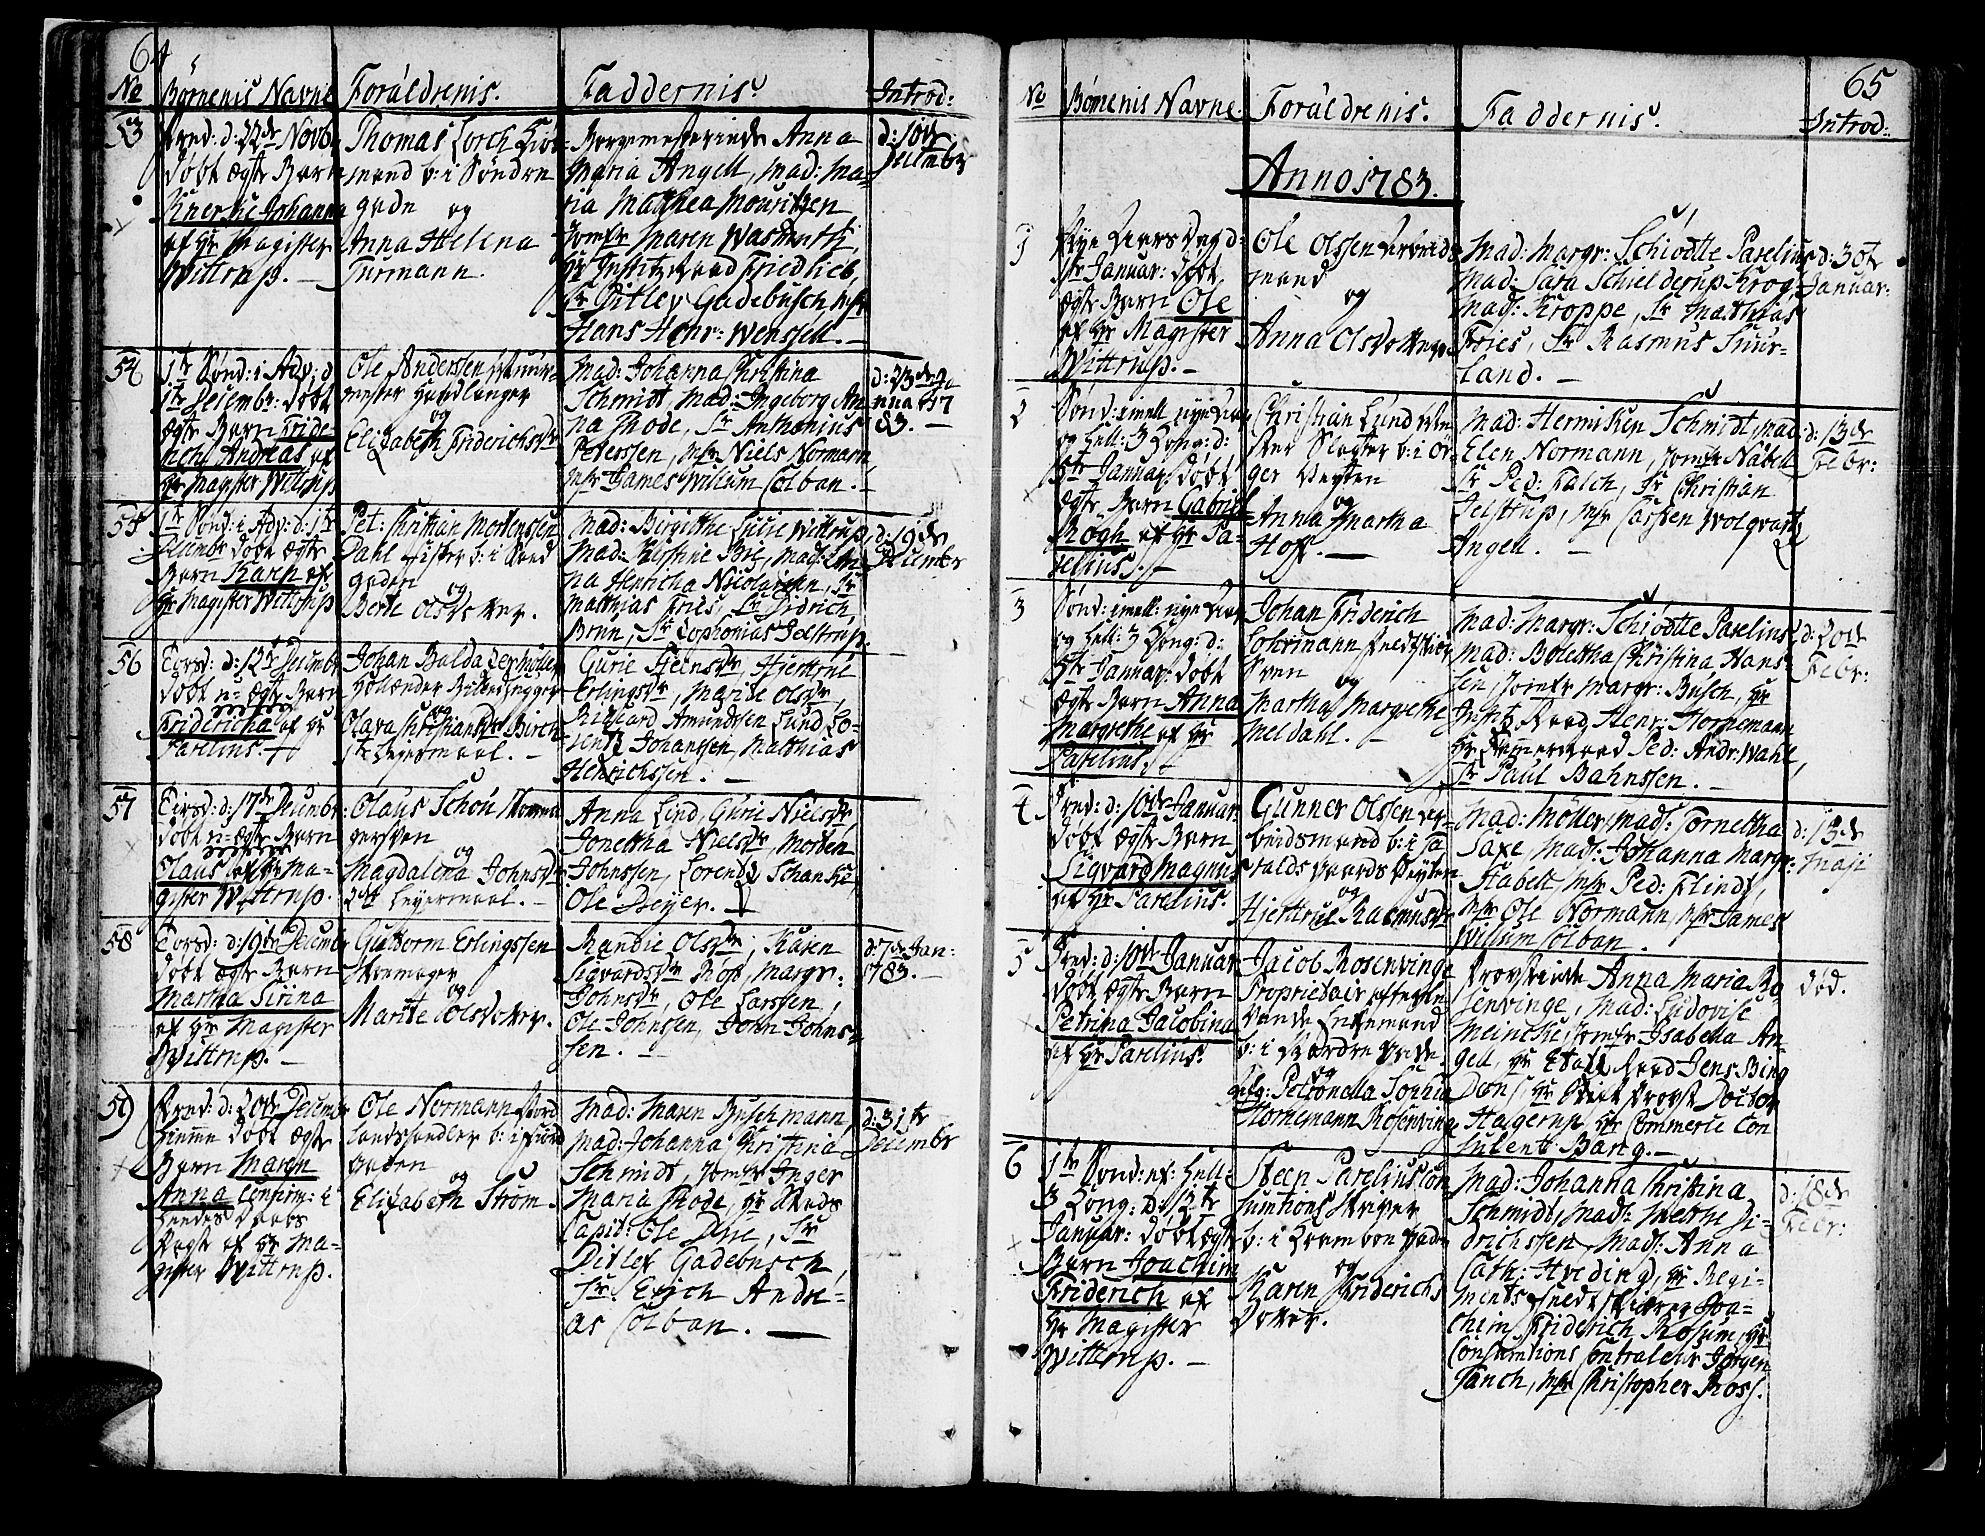 SAT, Ministerialprotokoller, klokkerbøker og fødselsregistre - Sør-Trøndelag, 602/L0104: Ministerialbok nr. 602A02, 1774-1814, s. 64-65